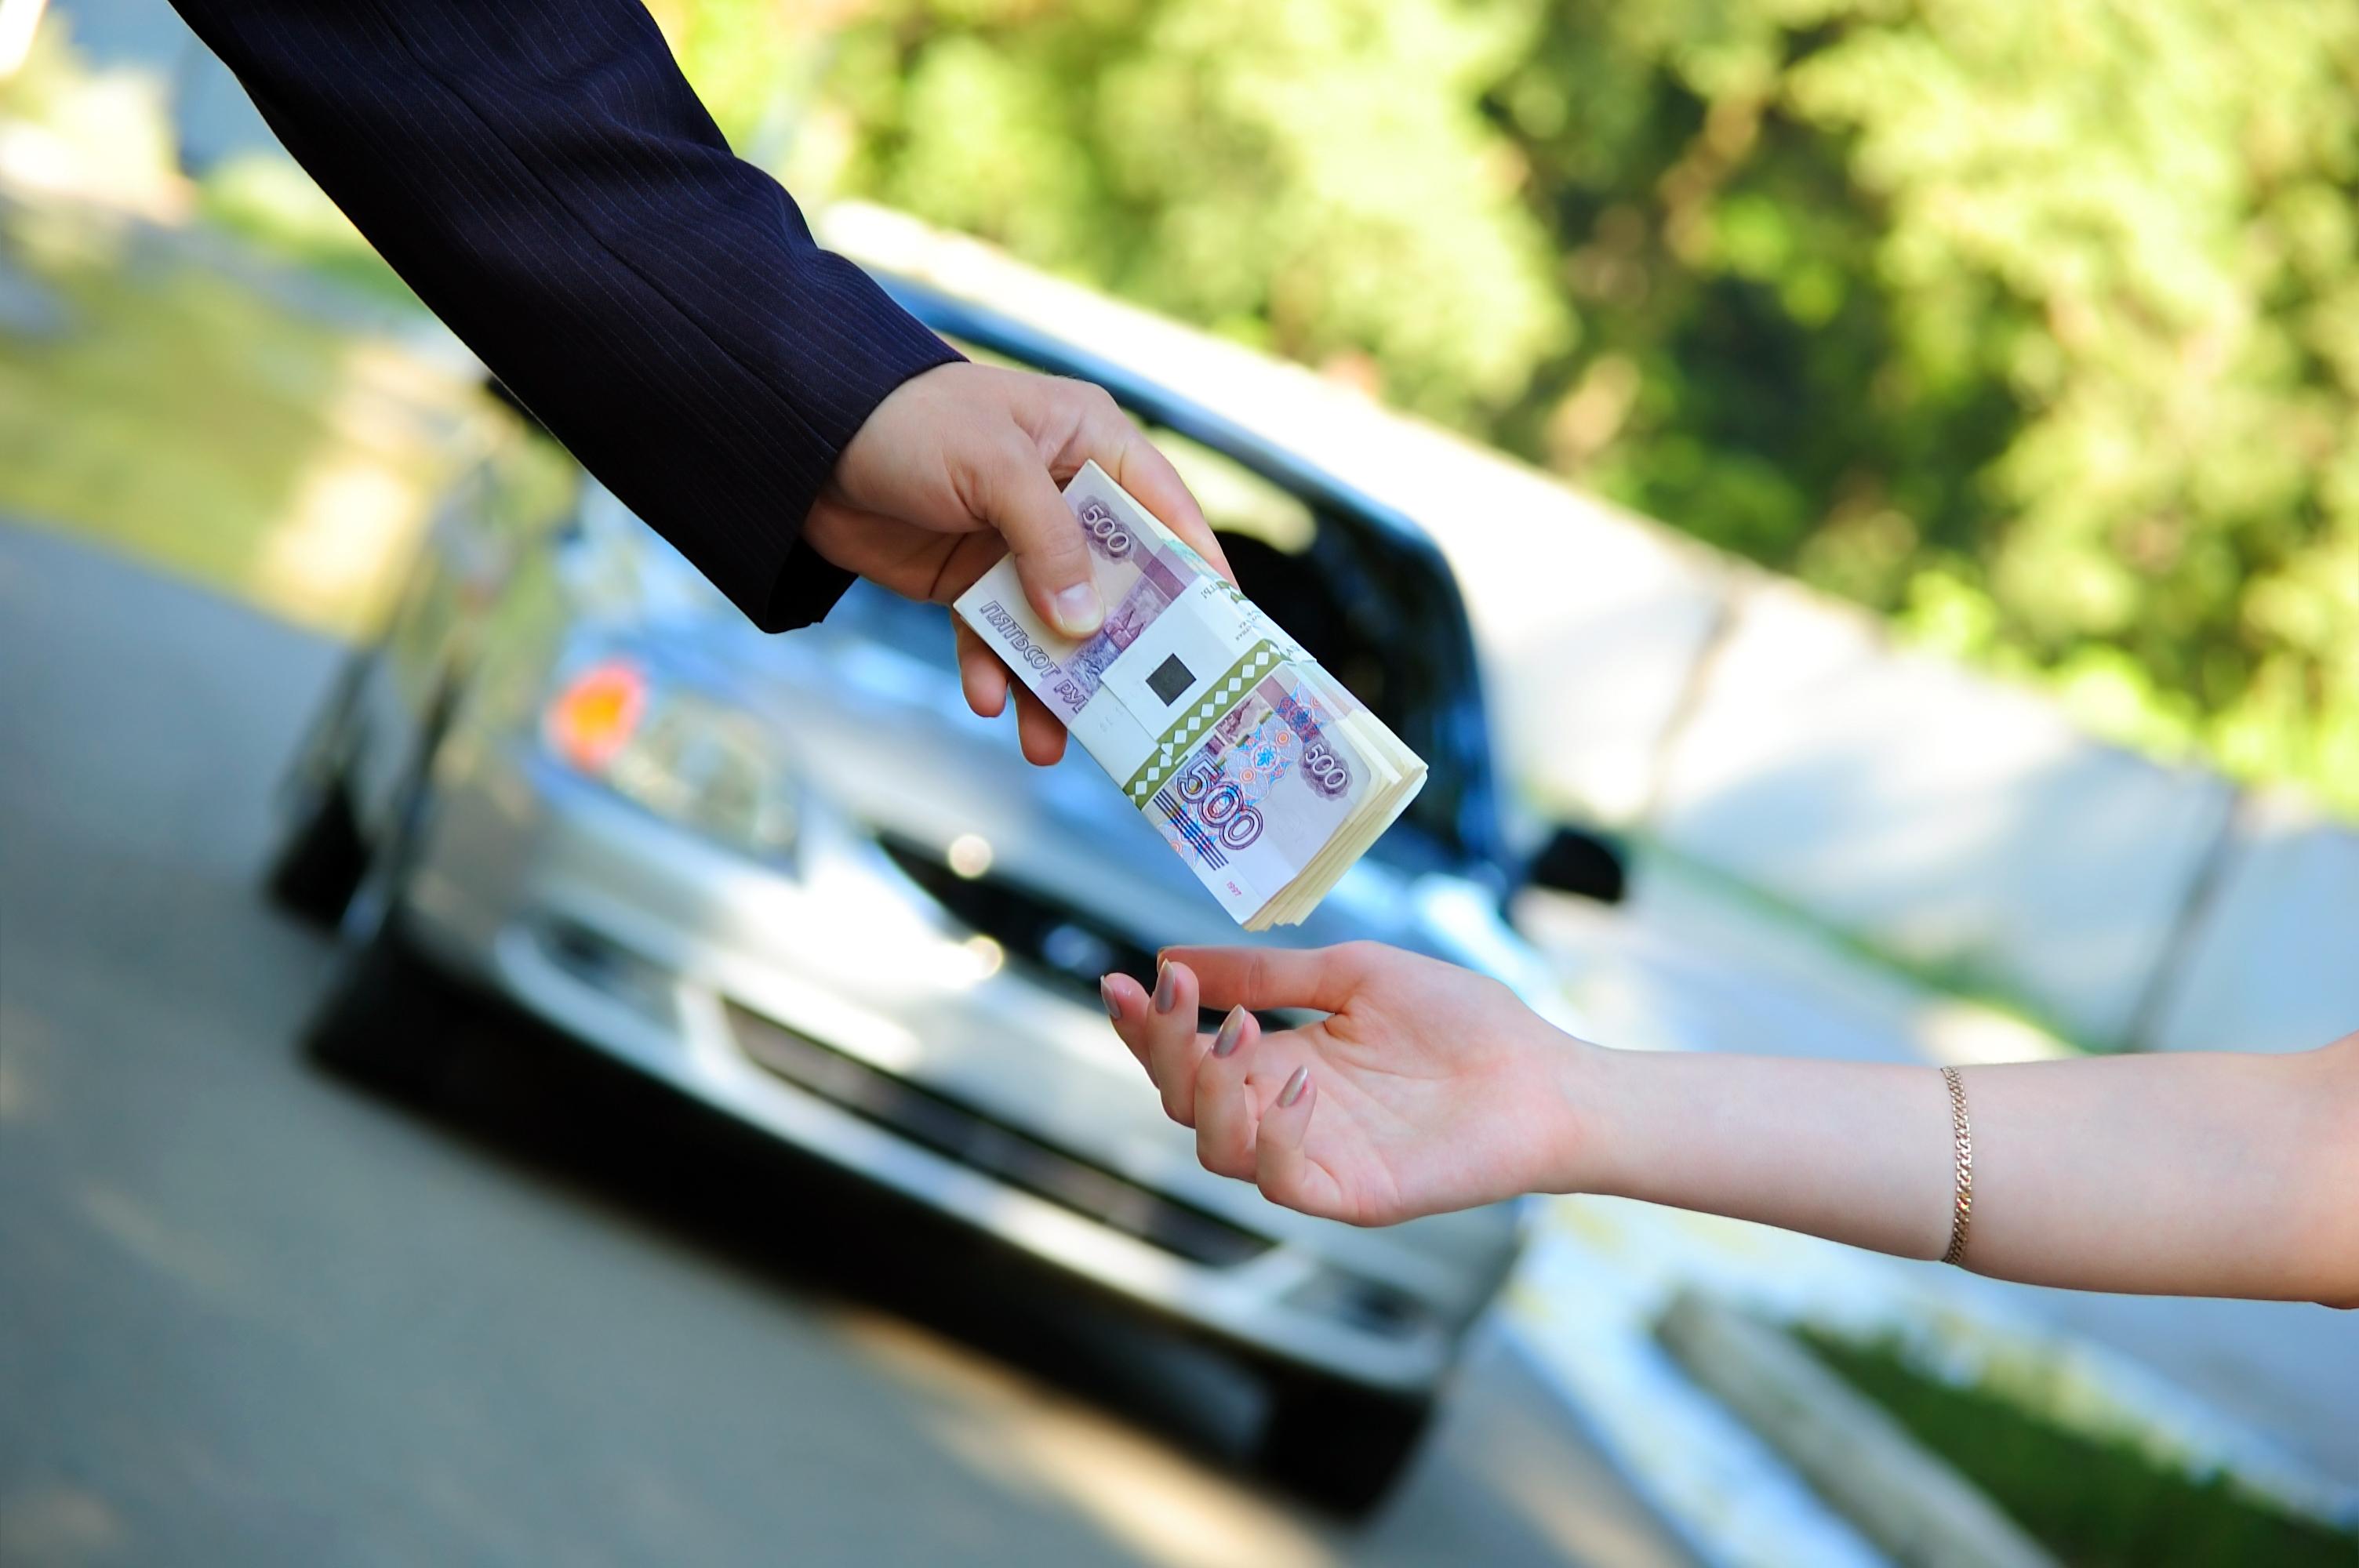 Получение кредита под залог автомобиля: что нужно знать?